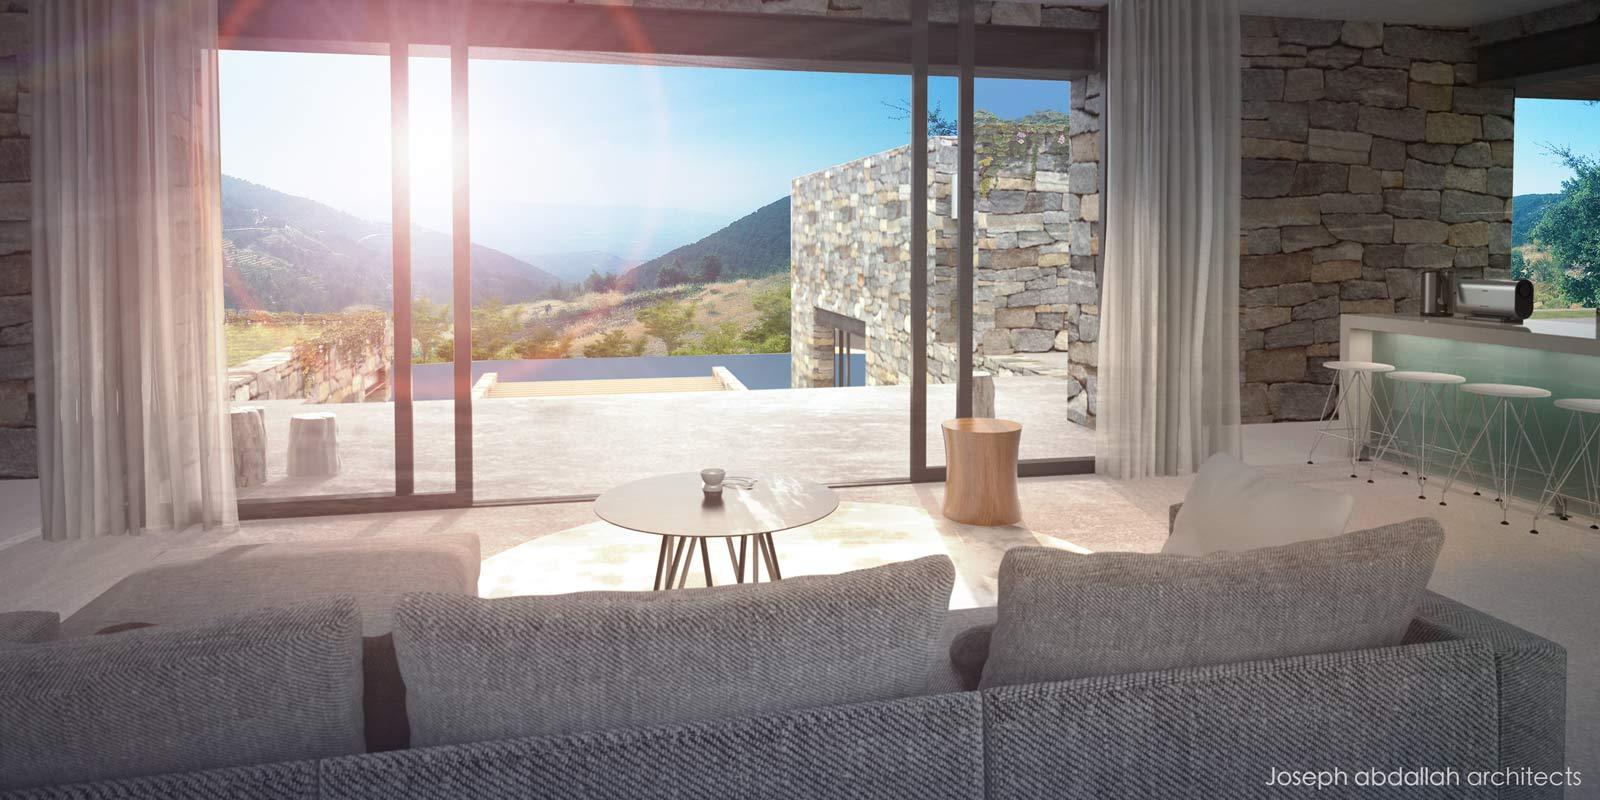 ejbeh-domaine-architecture-villa-lebanon-joseph-abdallah-architects-7